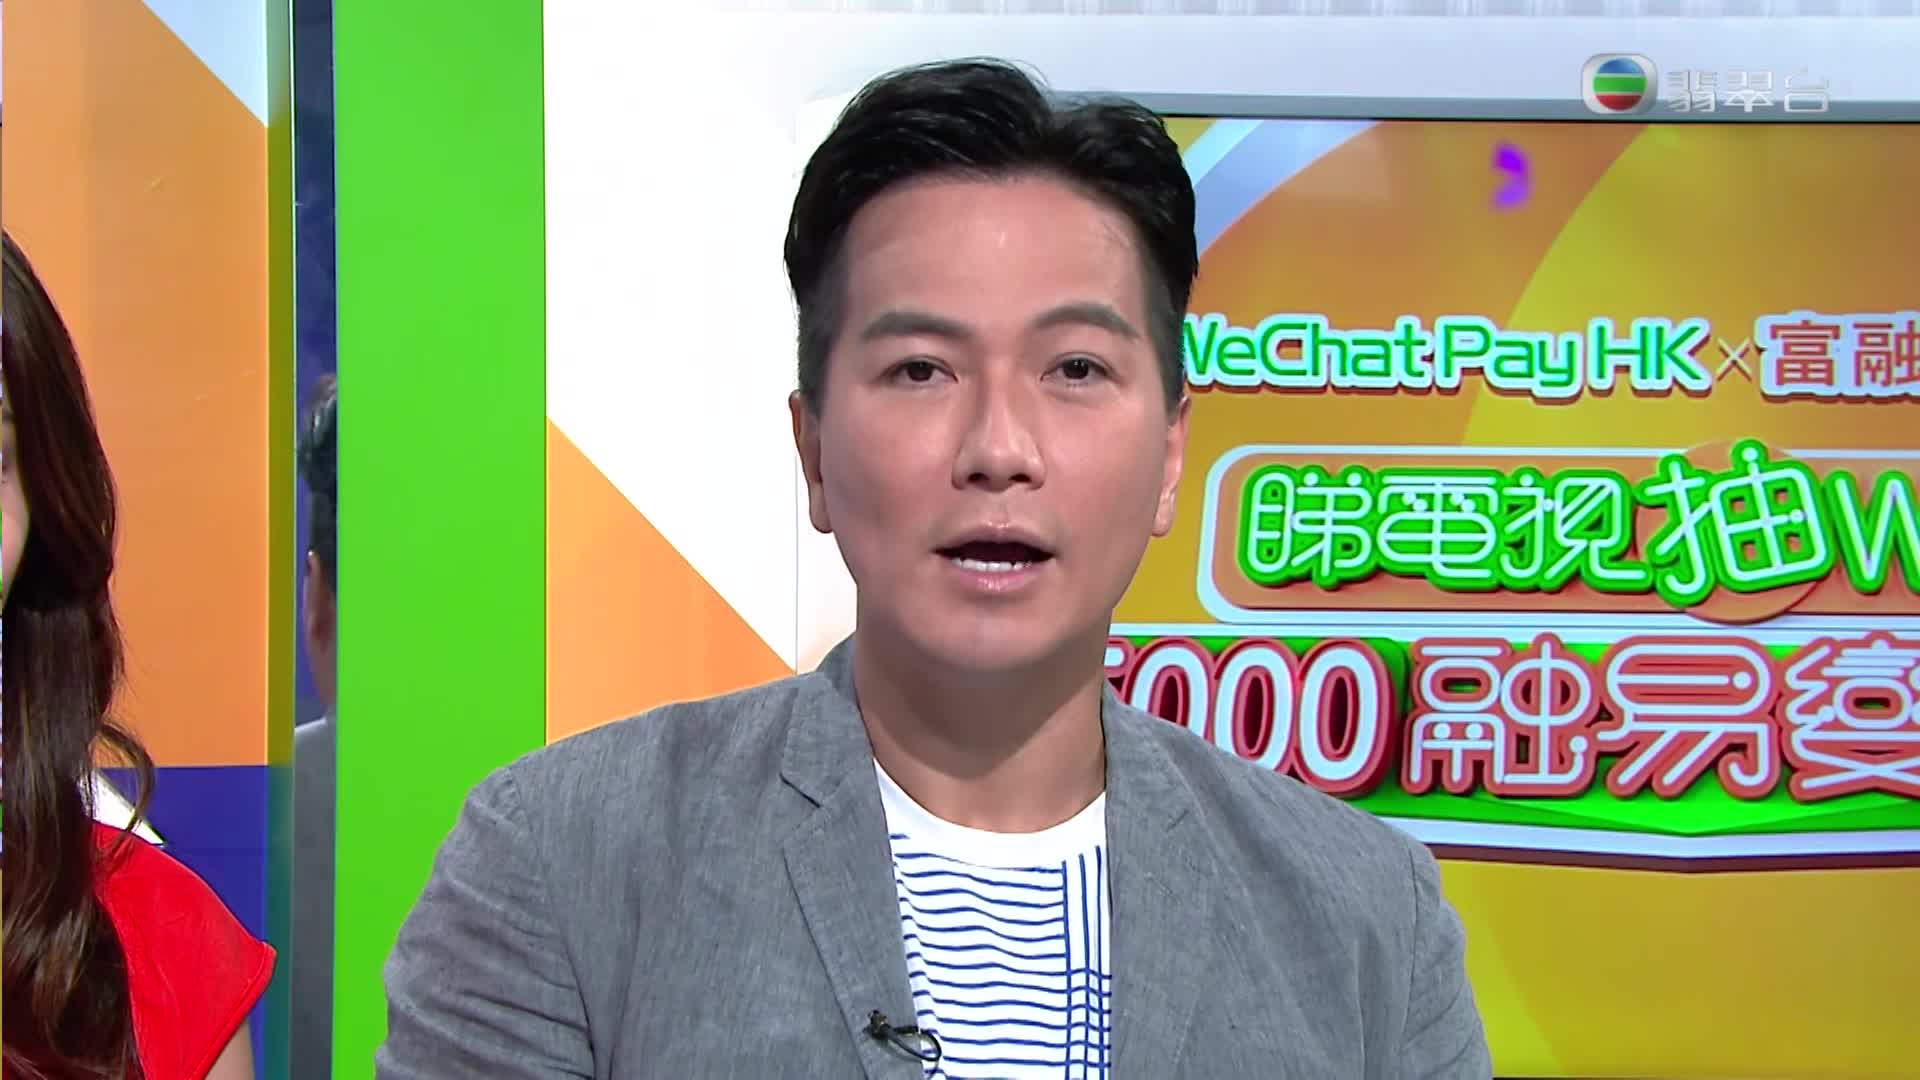 【東張西望】「WeChat Pay HK x 富融銀行呈獻:睇電視抽 WeFun,5000 融易變 10000」